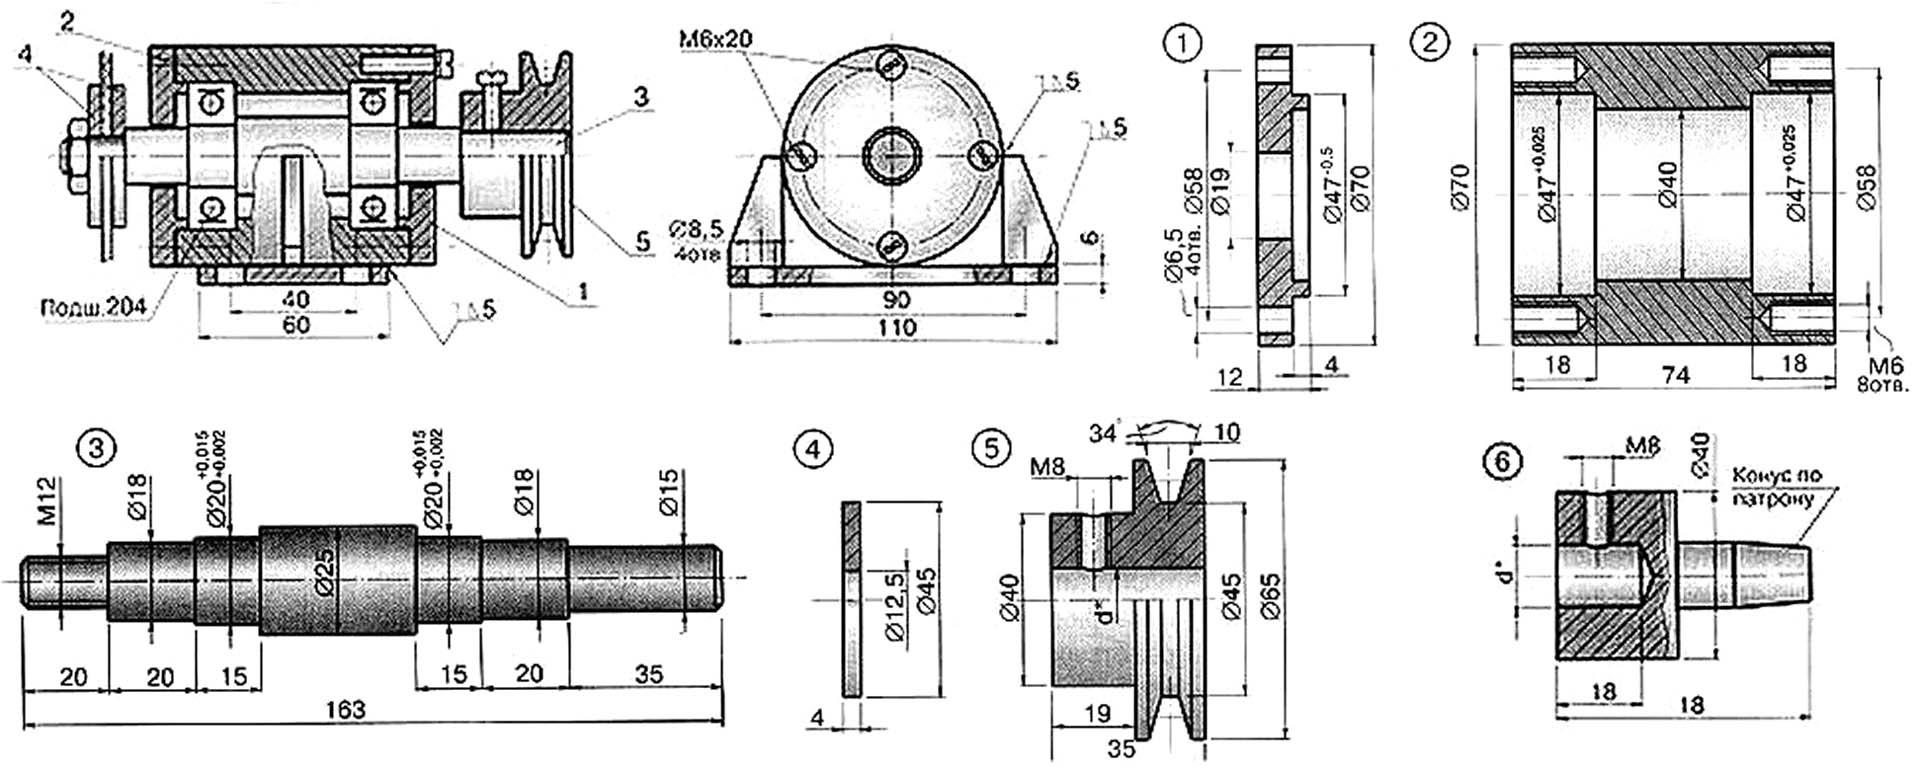 Чертежи пошипникового узла для циркулярной пилы или передней бабки токарного станка по дереву